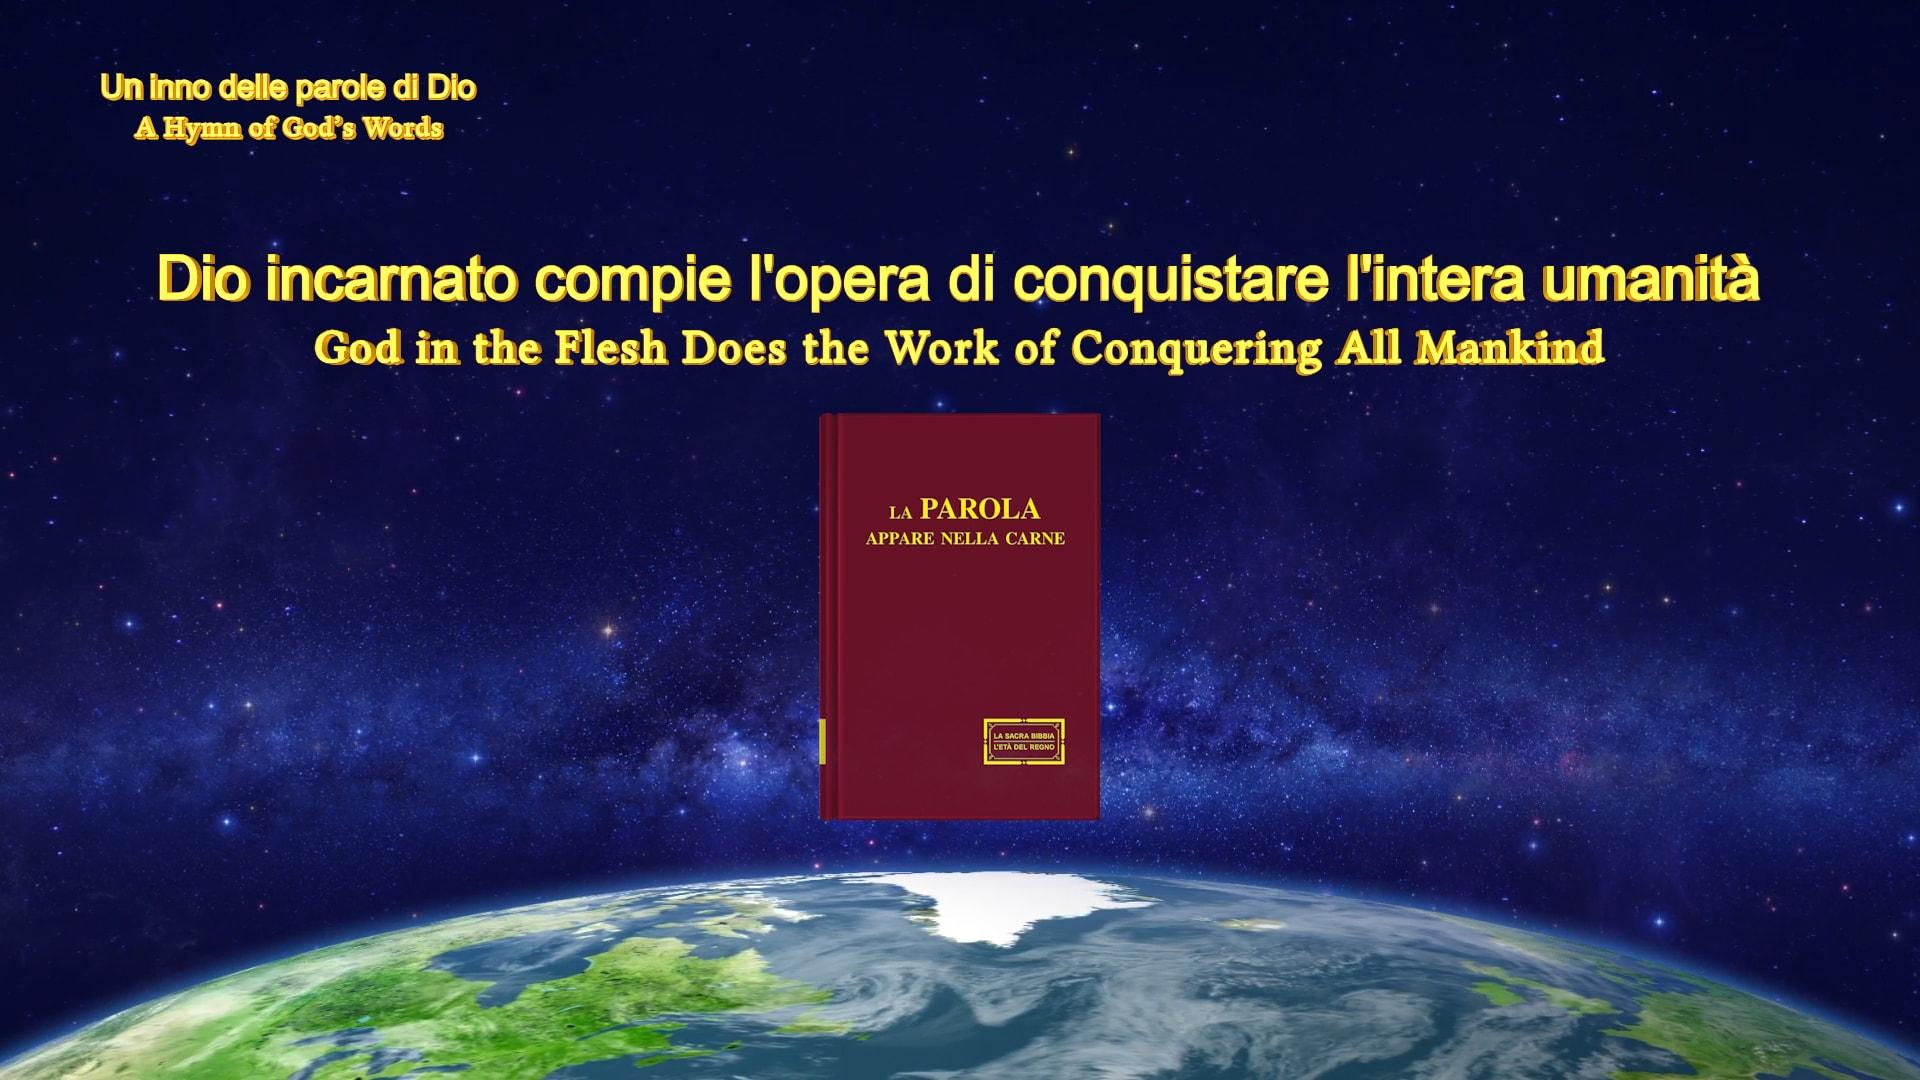 Dio incarnato compie l'opera di conquistare l'intera umanità